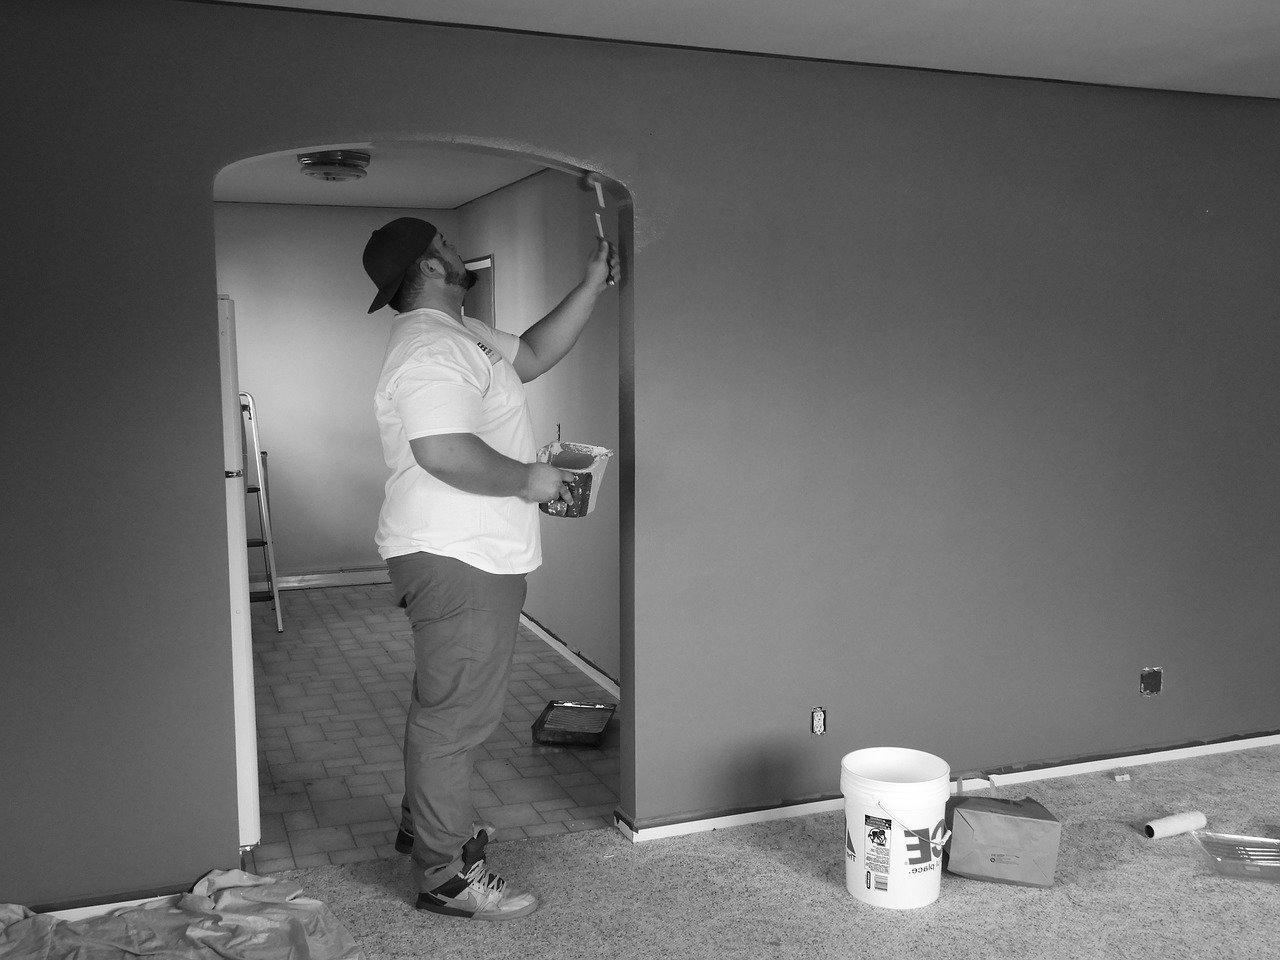 Rénover une maison à Méricourt 62680 | Entreprises de rénovation